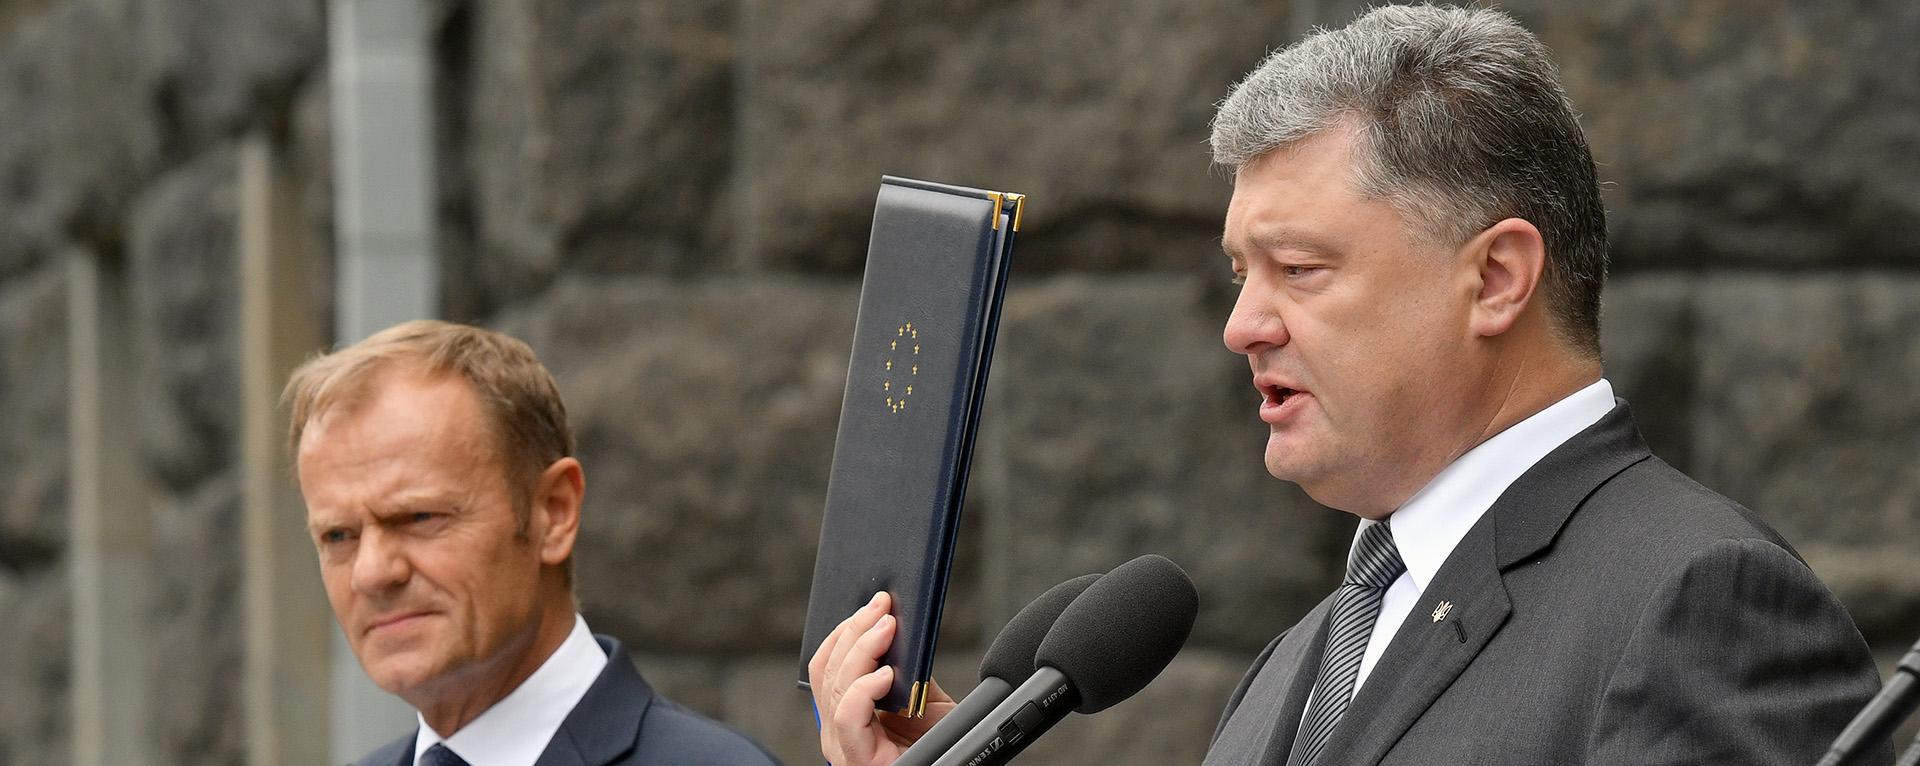 Prezidentské volby na Ukrajině: Kdo má šanci uspět a co zemi příští prezident přinese?